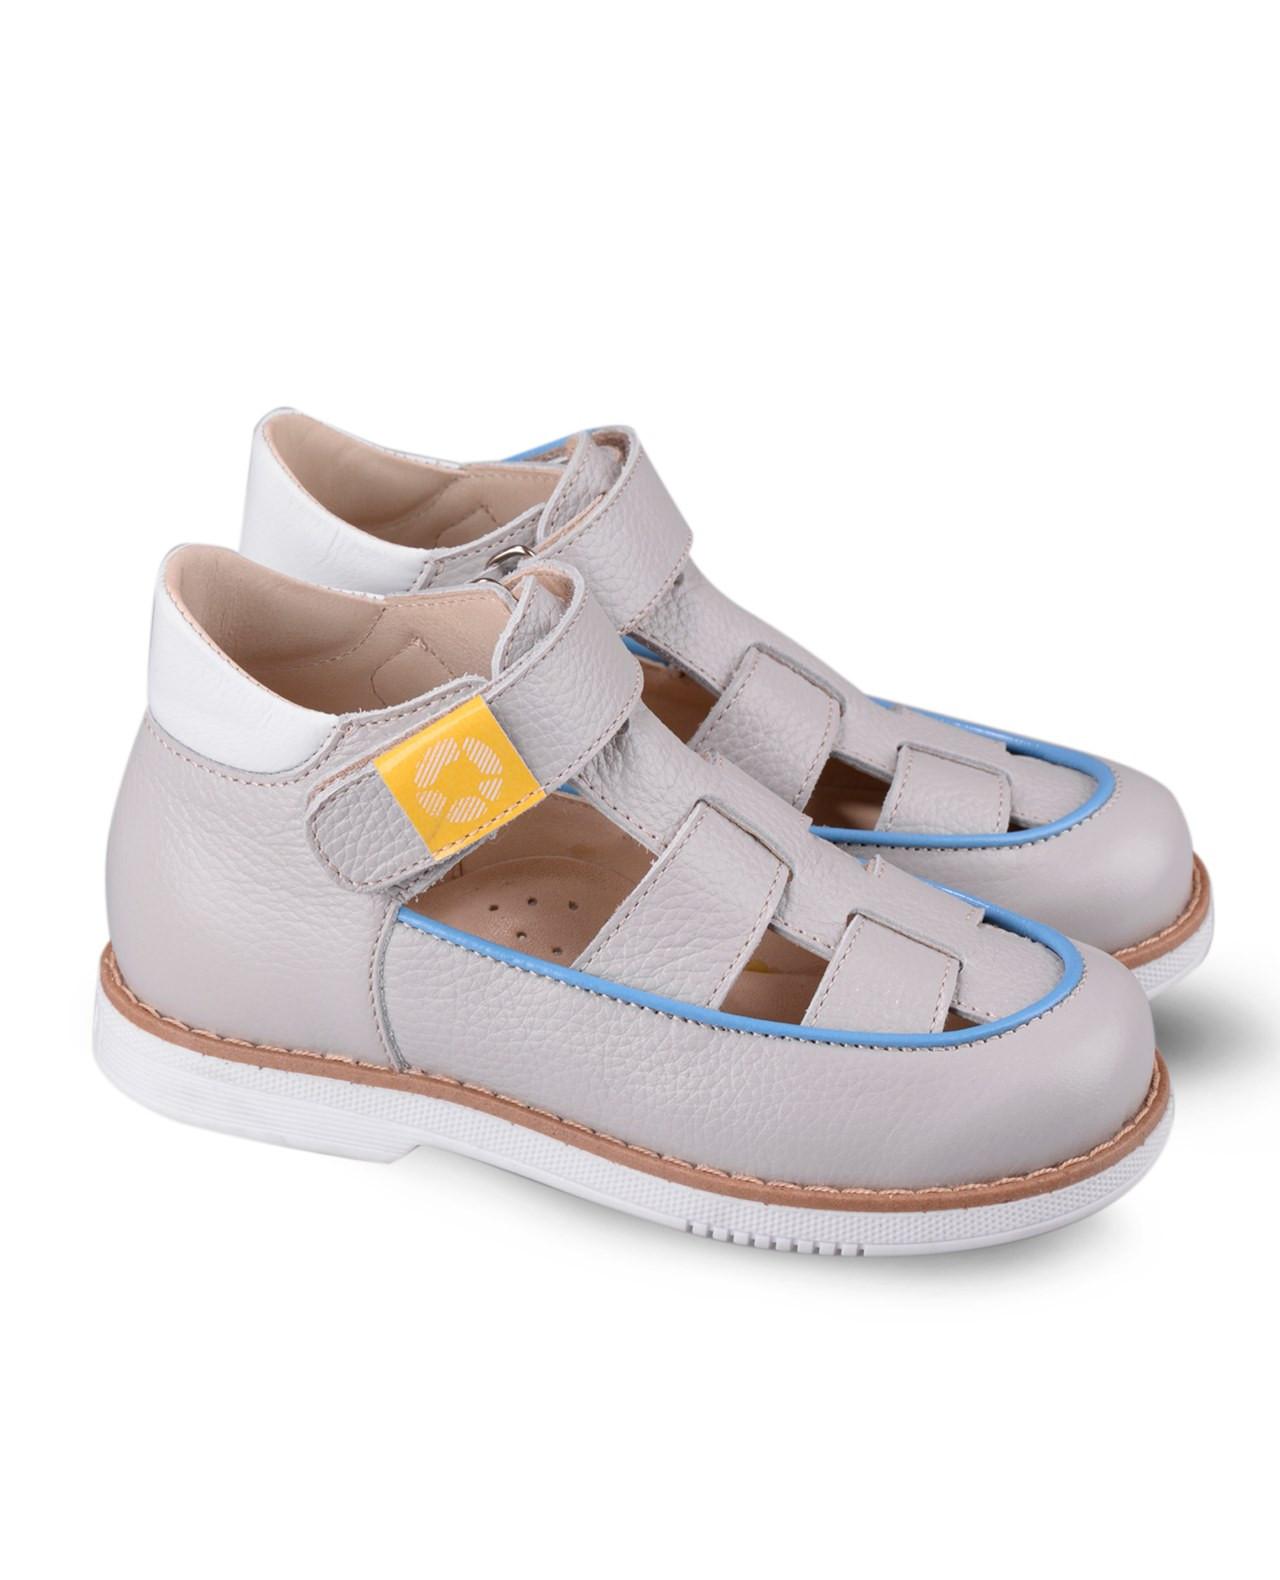 Туфли Детские, Tapiboo Сладкая ВатаТуфли<br>Туфли для ежедневной профилактики плоскостопия. <br>Идеальны как сменная обувь в детский сад <br>и начальную школу. Широкий, устойчивый каблук, <br>специальной конфигурации «каблук Томаса». <br>Каблук продлен с внутренней стороны до <br>середины стопы, чтобы исключить вращение <br>(заваливание) стопы вовнутрь (пронационный <br>компонент деформации, так называемая косолапость, <br>или вальгусная деформация). Многослойная, <br>анатомическая стелька со сводоподдерживающим <br>элементом для правильного формирования <br>стопы. Благодаря использованию современных <br>внутренних материалов позволяет оптимально <br>распределить нагрузку по всей площади стопы <br>и свести к минимуму ее ударную составляющую. <br>Жесткий фиксирующий задник с удлиненным <br>«крылом» надежно стабилизирует голеностопный <br>сустав во время ходьбы, препятствуя развитию <br>патологических изменений стопы. Упругая, <br>умеренно-эластичная подошва, имеющая перекат <br>позволяющий повторить естественное движение <br>стопы при ходьбе для правильного распределения <br>нагрузки на опорно-двигательный аппарат <br>ребенка. Подкладка из кож<br>Размер INT: M; Цвет: Красный; Ширина: 100; Высота: 200; Вес: 1000;